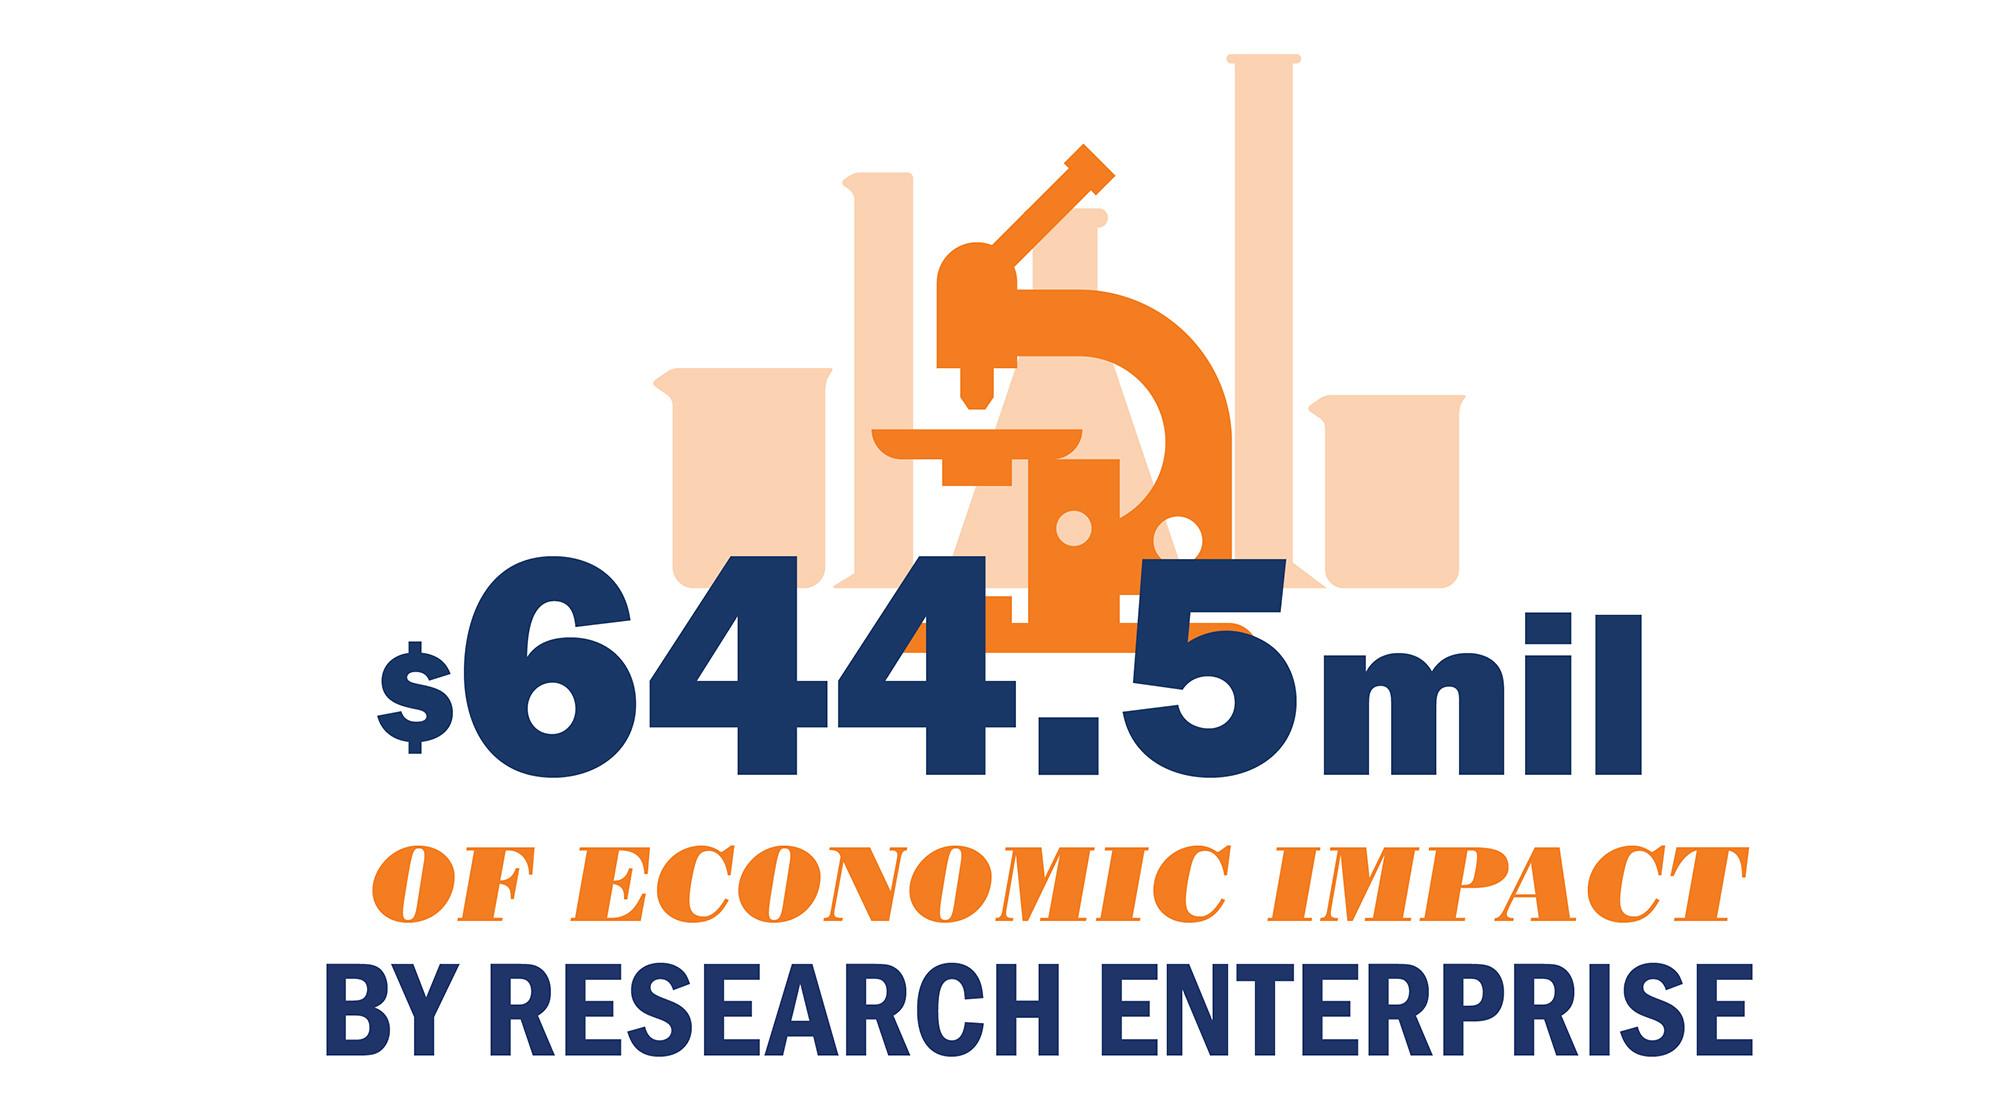 Research enterprise